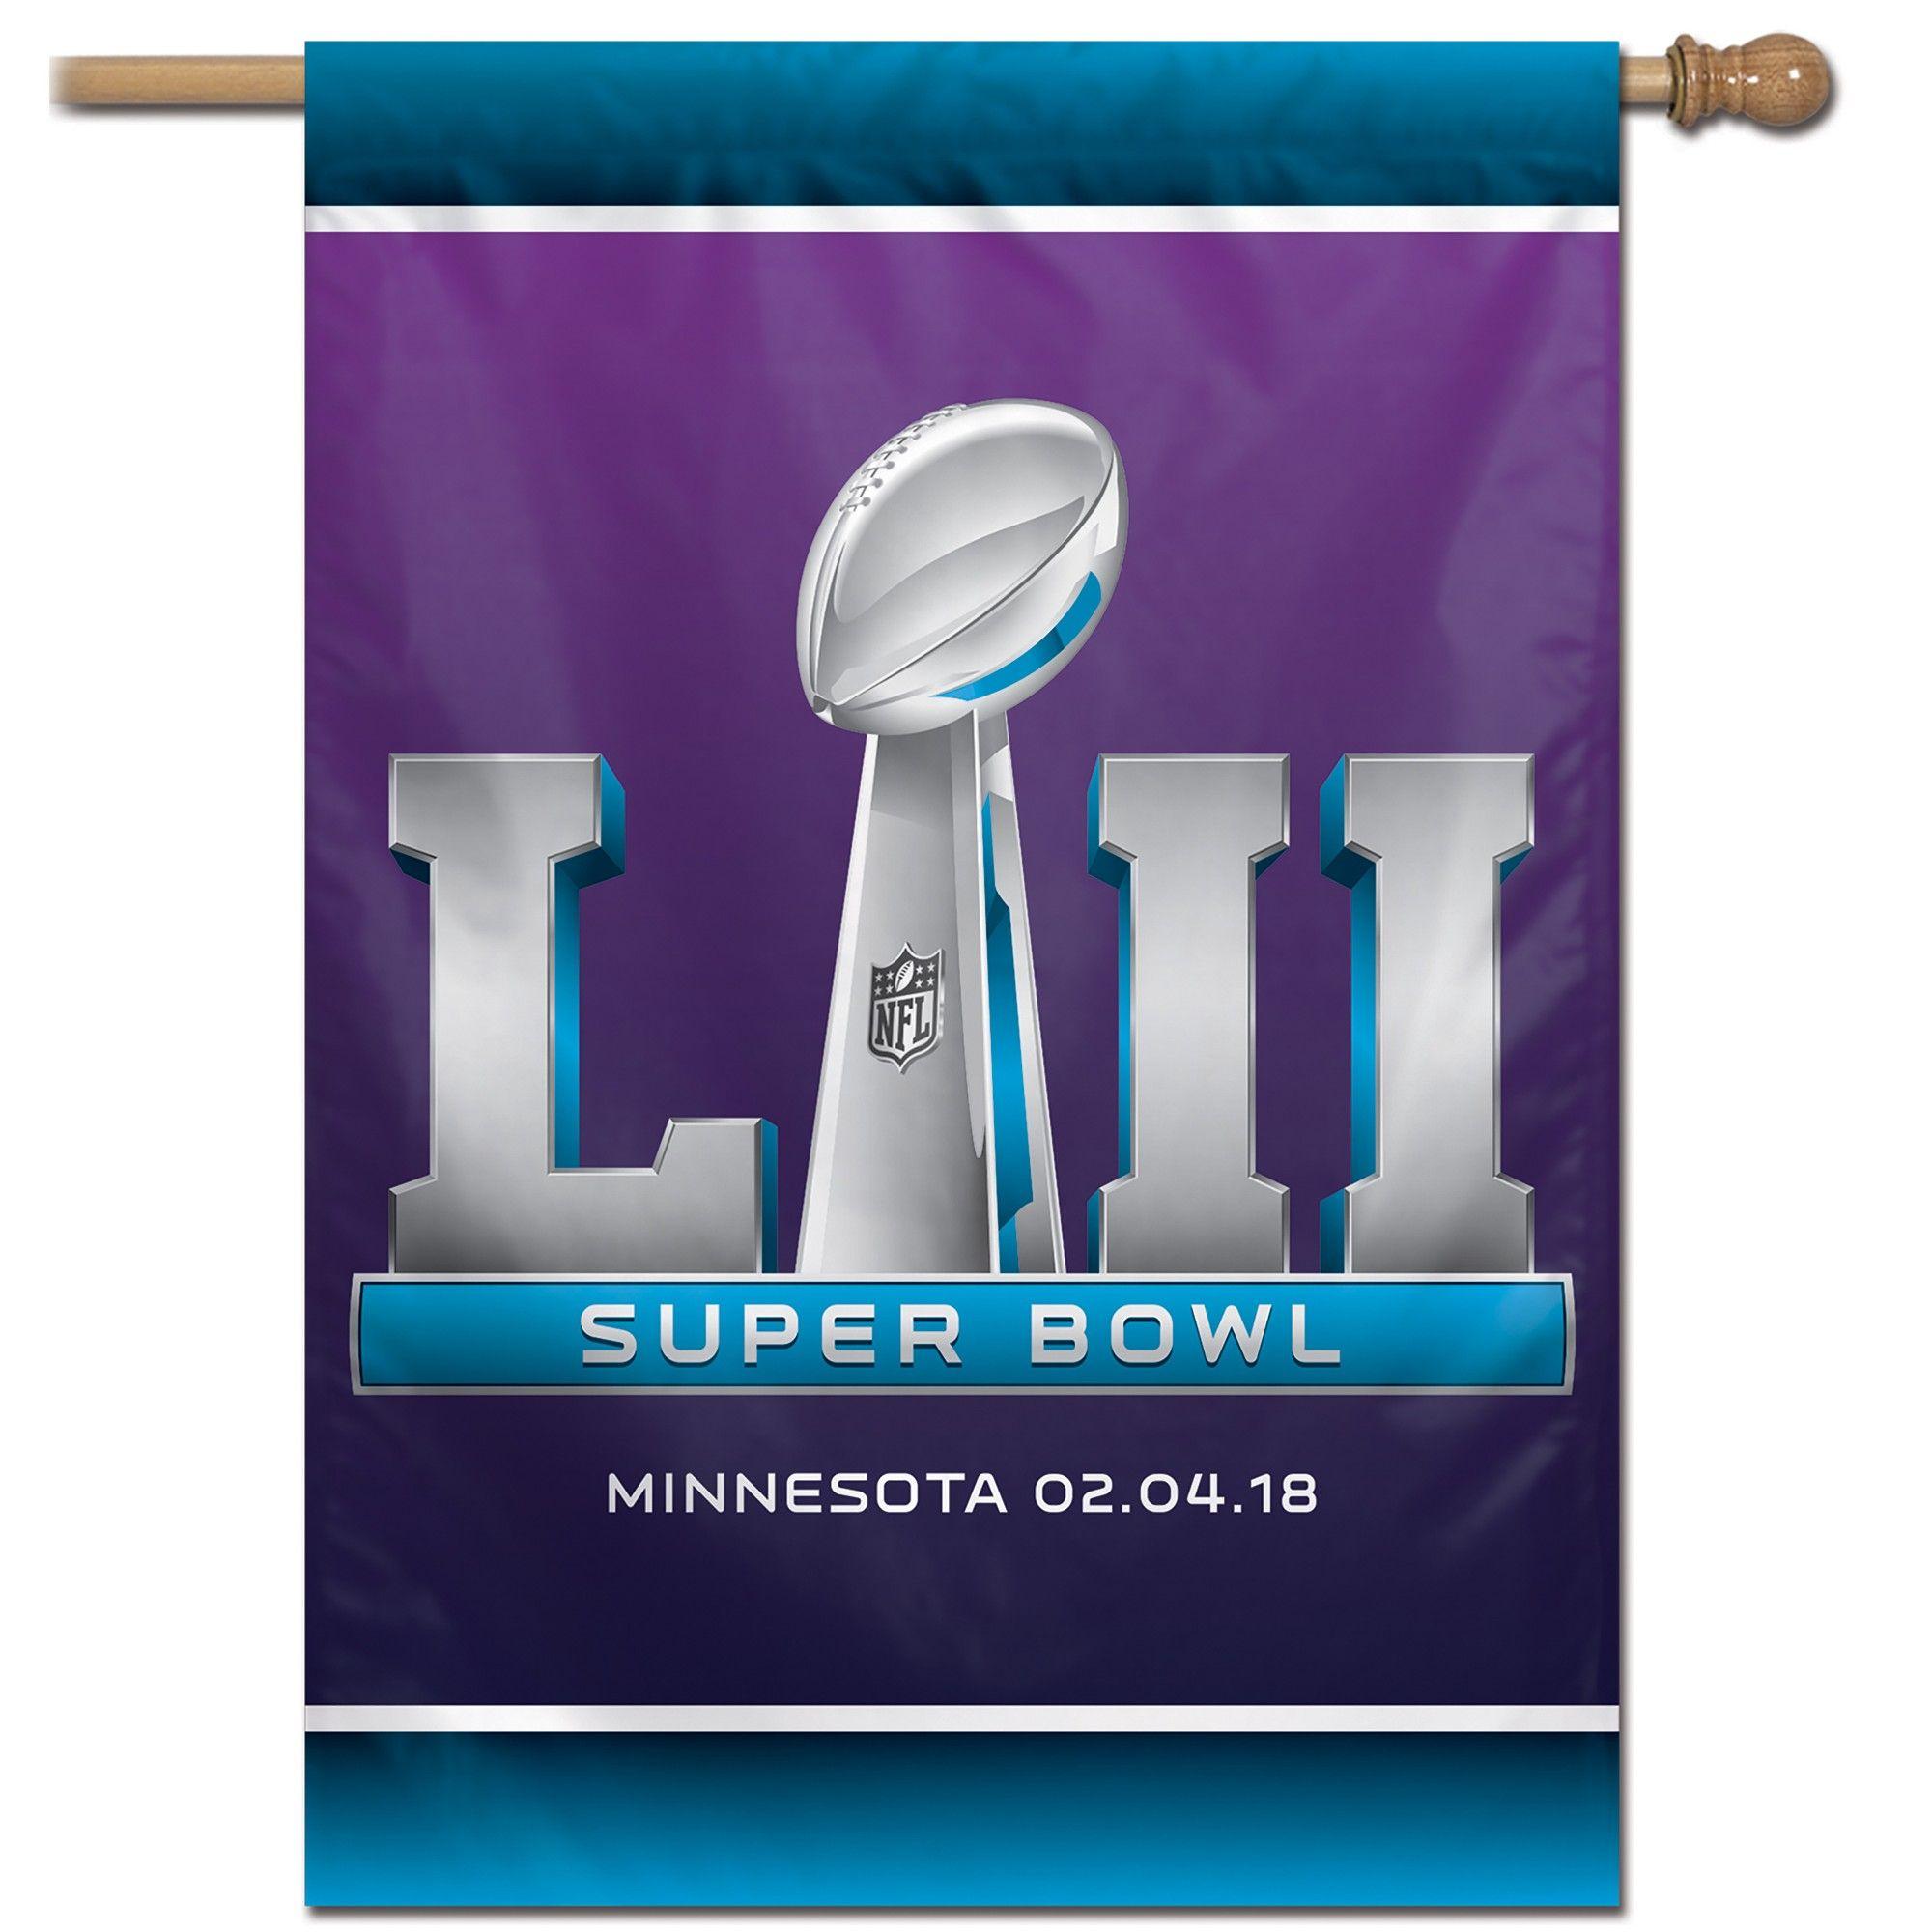 NFL Super Bowl 52 Vertical Banner | Super bowl 52, Super ...